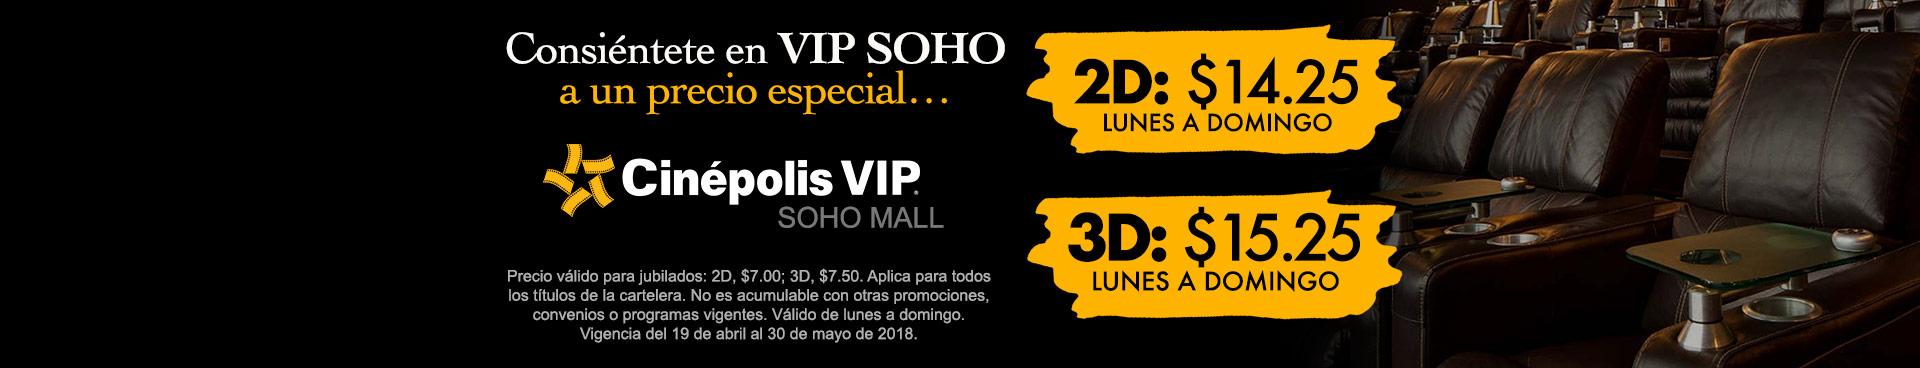 VIP Soho mall